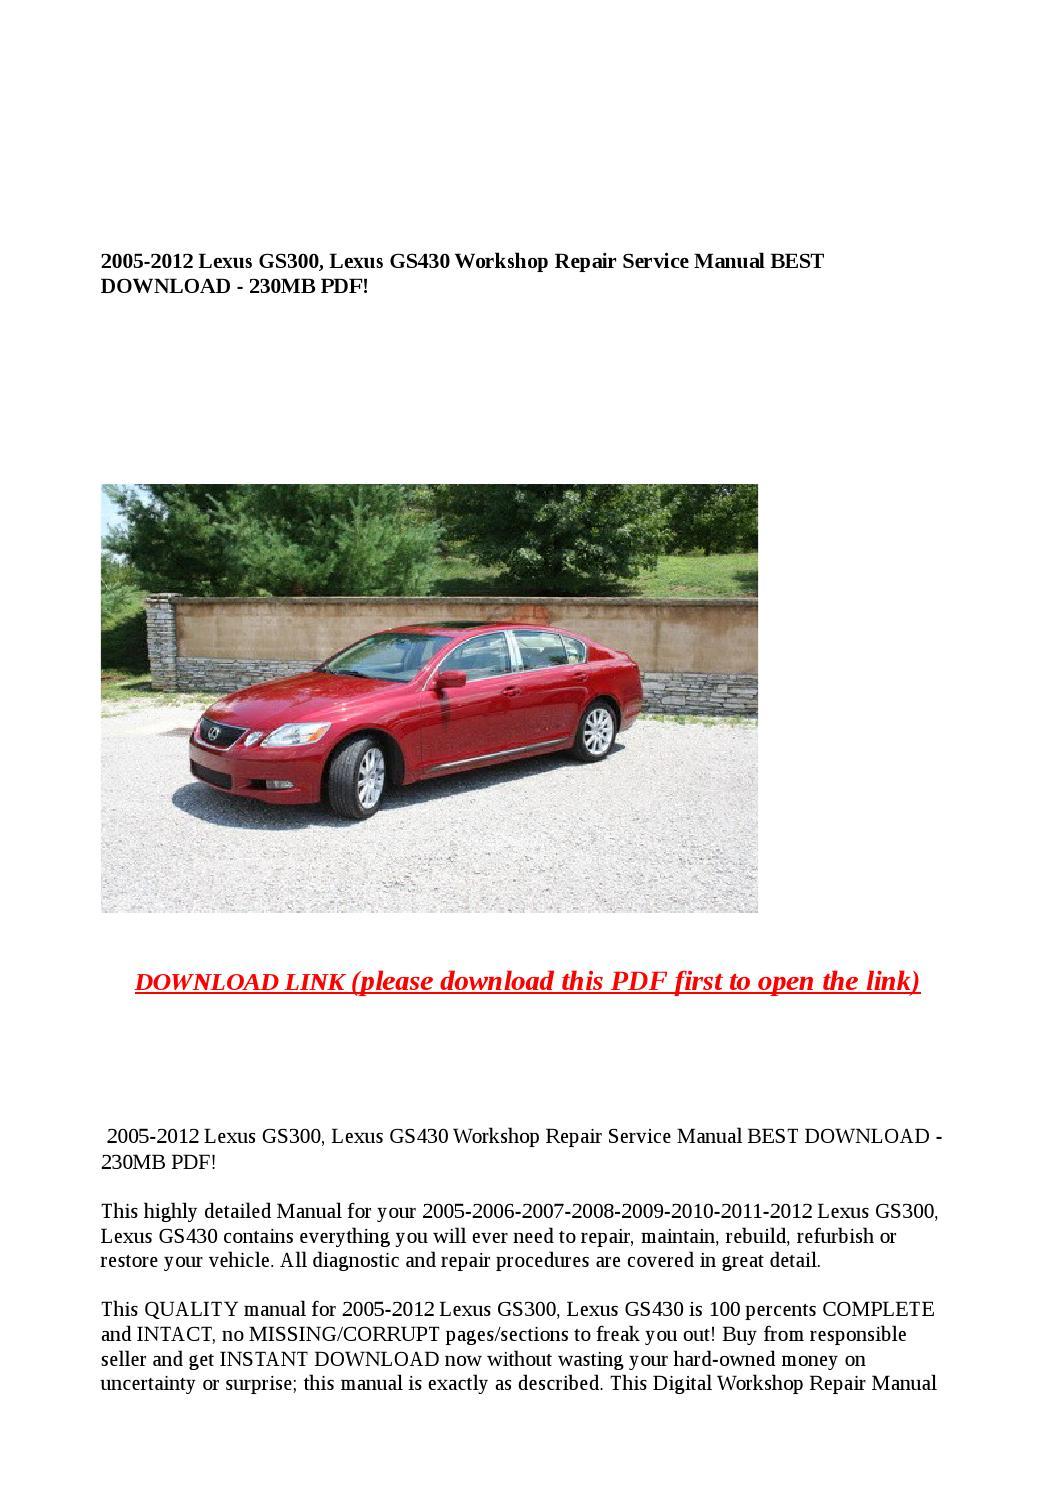 Lexus GS Auto Repair Manual - ChiltonDIY